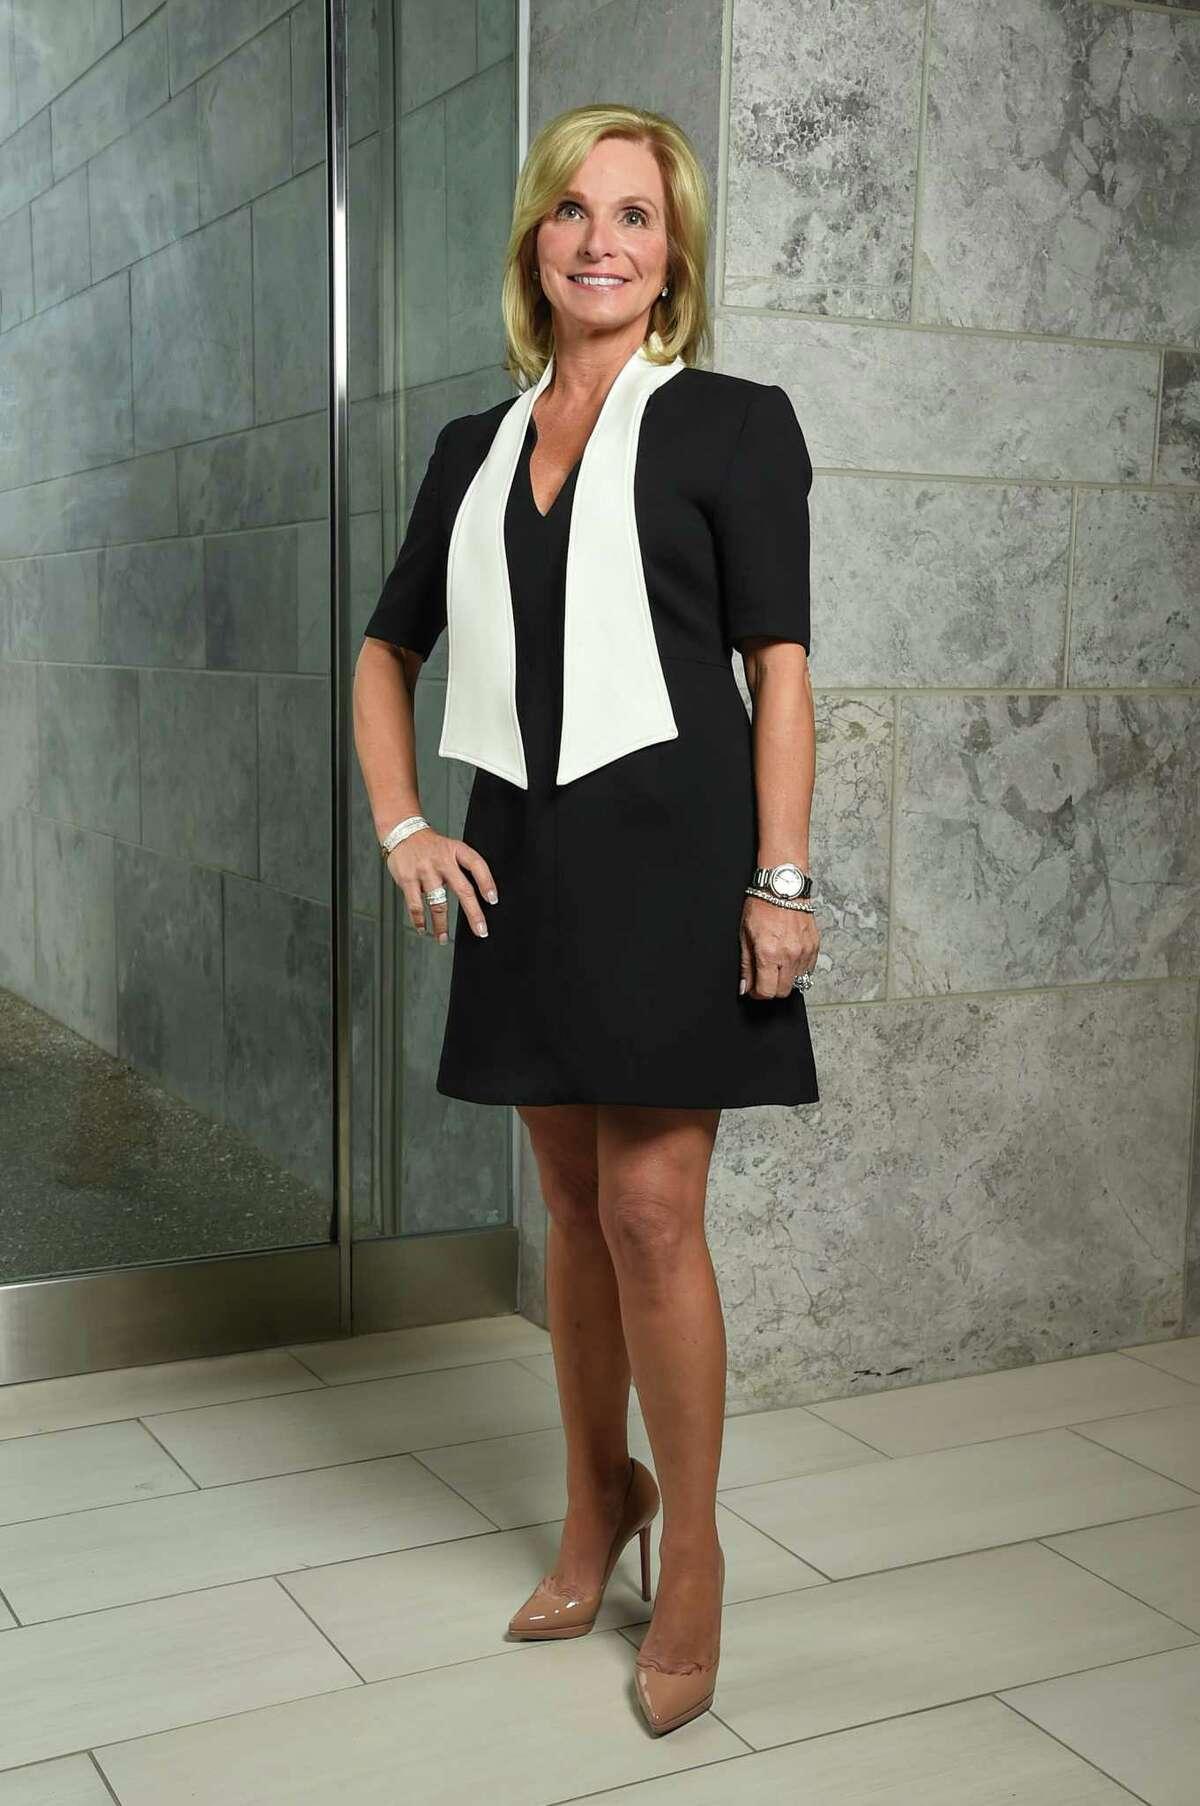 Patty Fusco (Photo by Cindy Schultz)